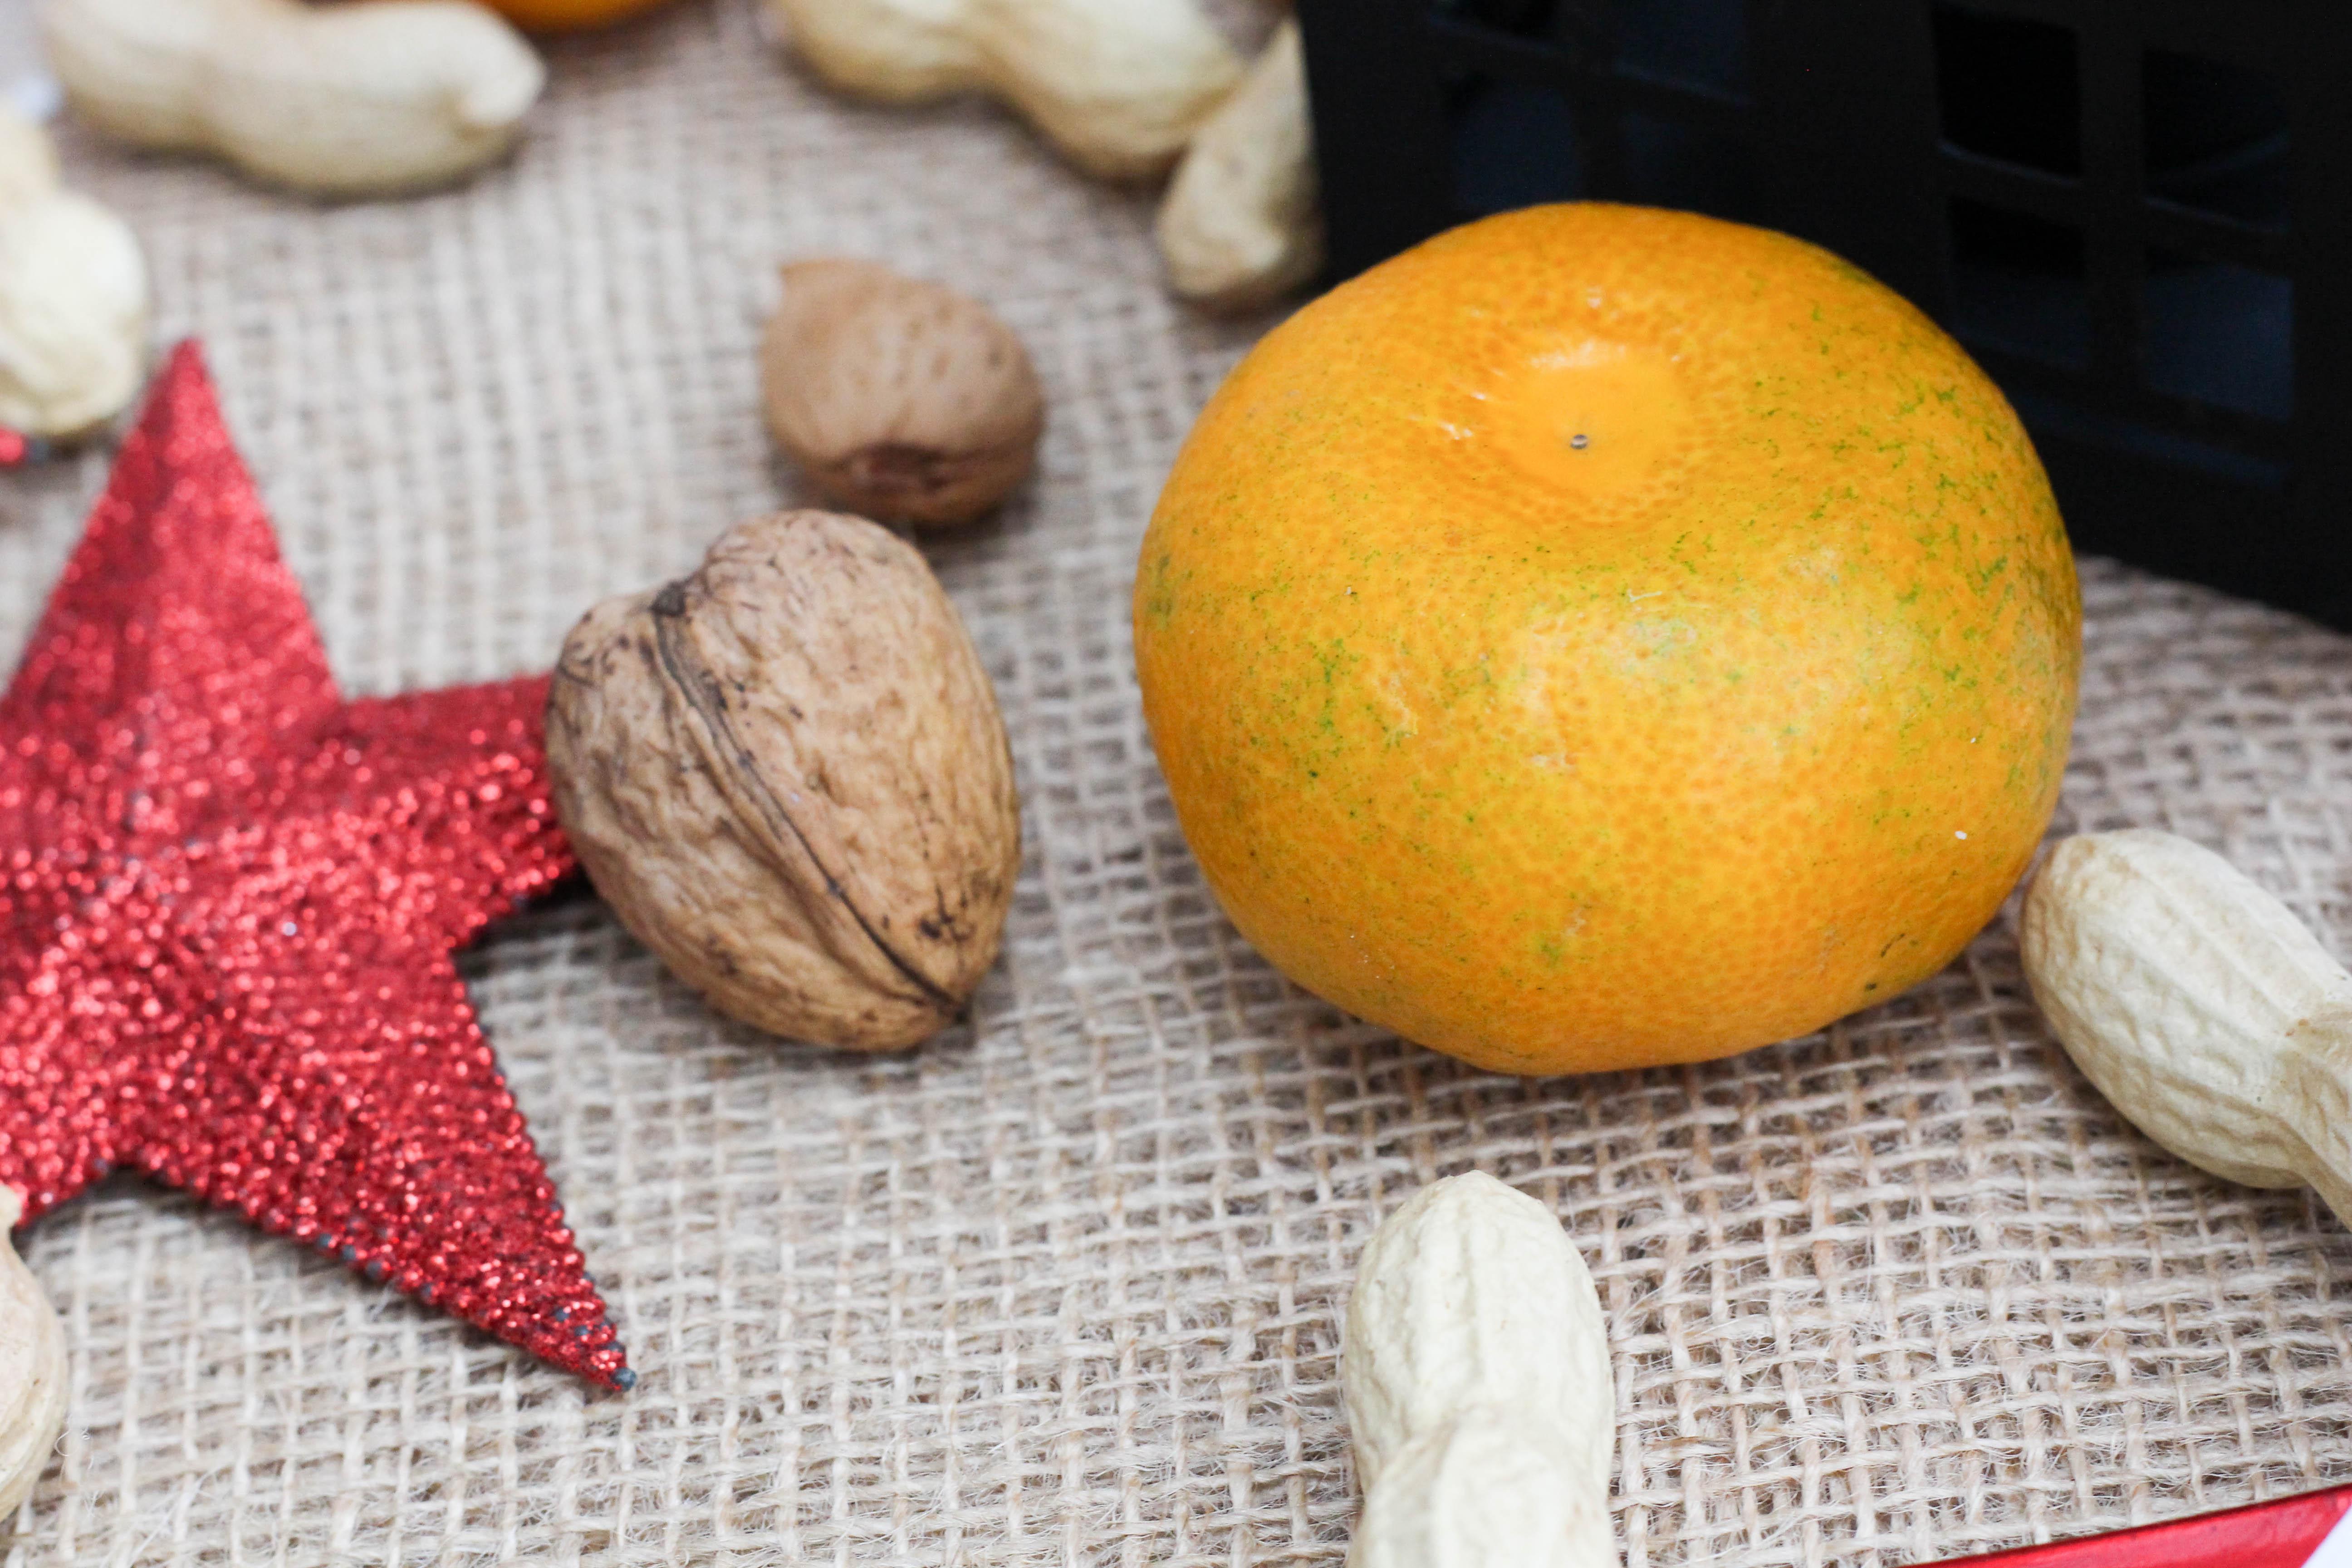 vegan-nikolaus-krampus-weihnachten-bratapfel-germteig-perchten-nuesse-christmas-soulfood-homespa-plantbased-24-von-35